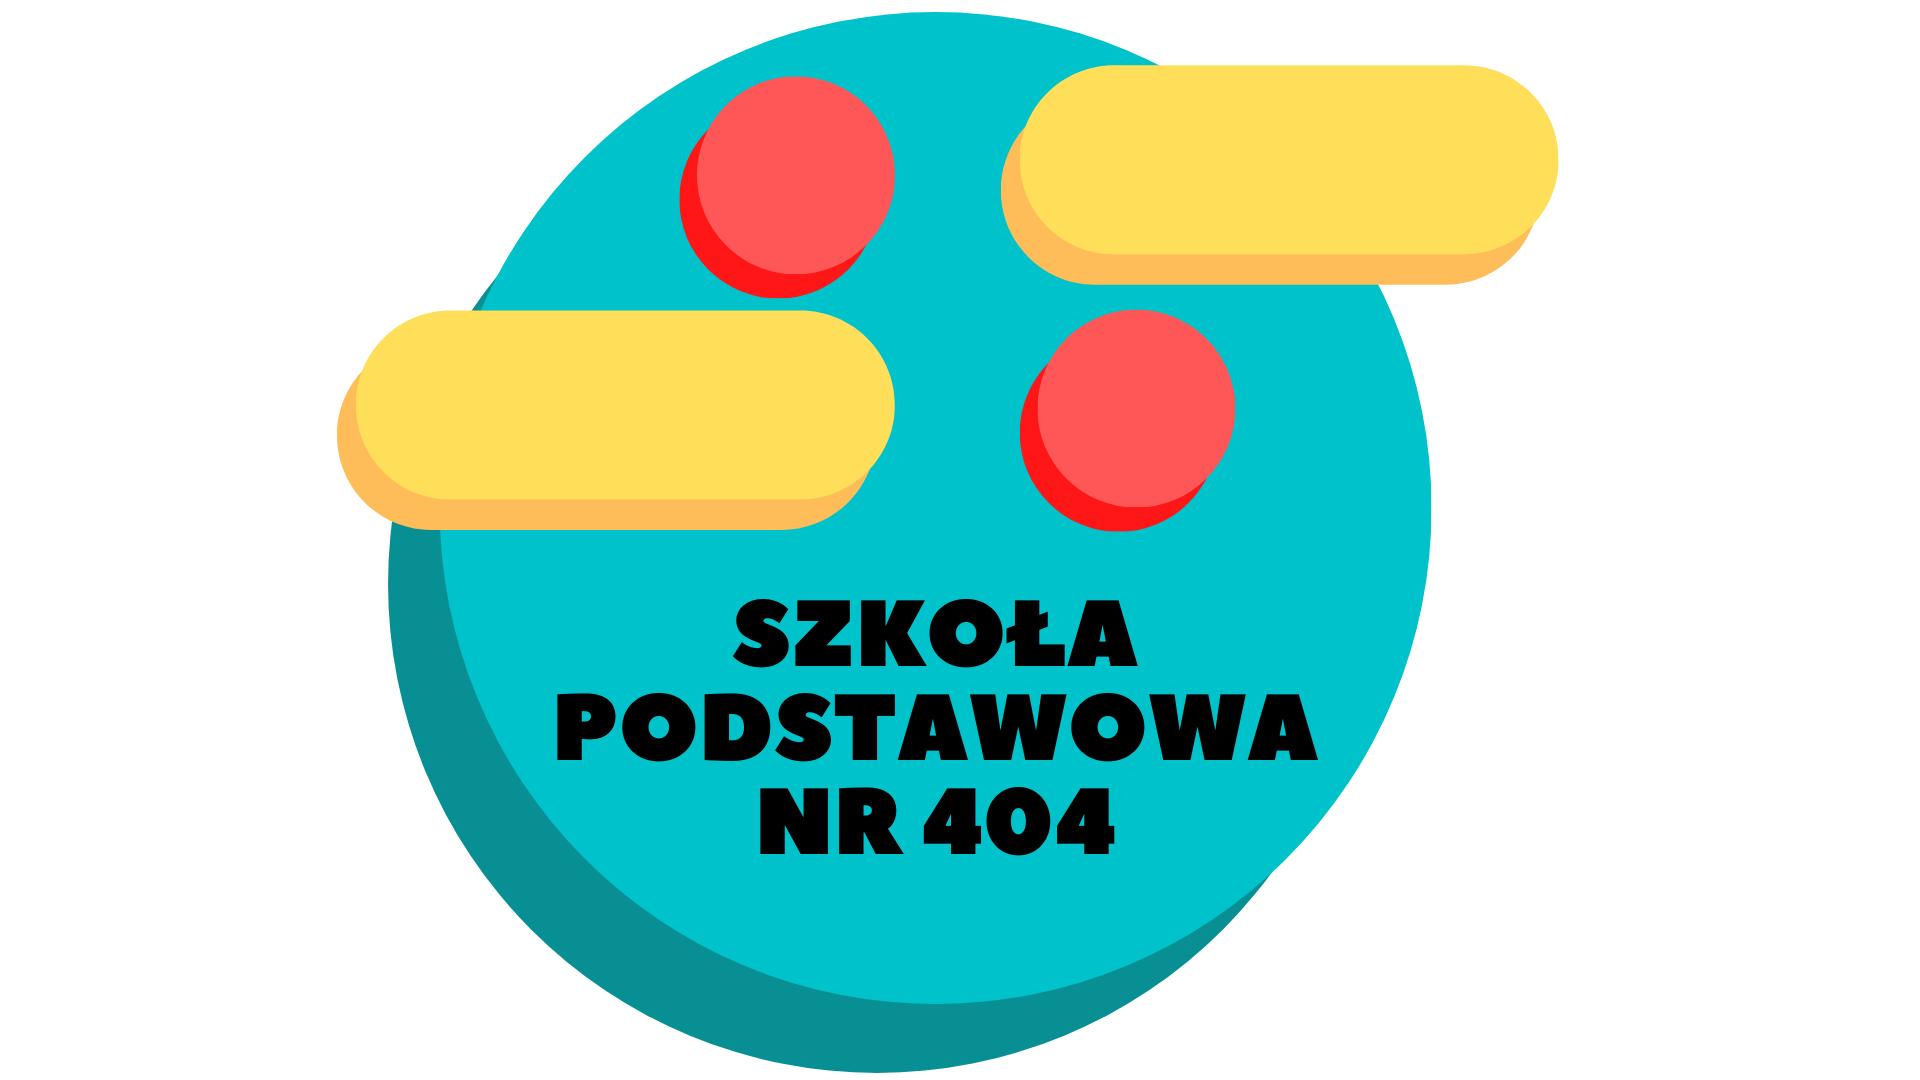 LOGO Krzysztof Makowski kl.8c.png